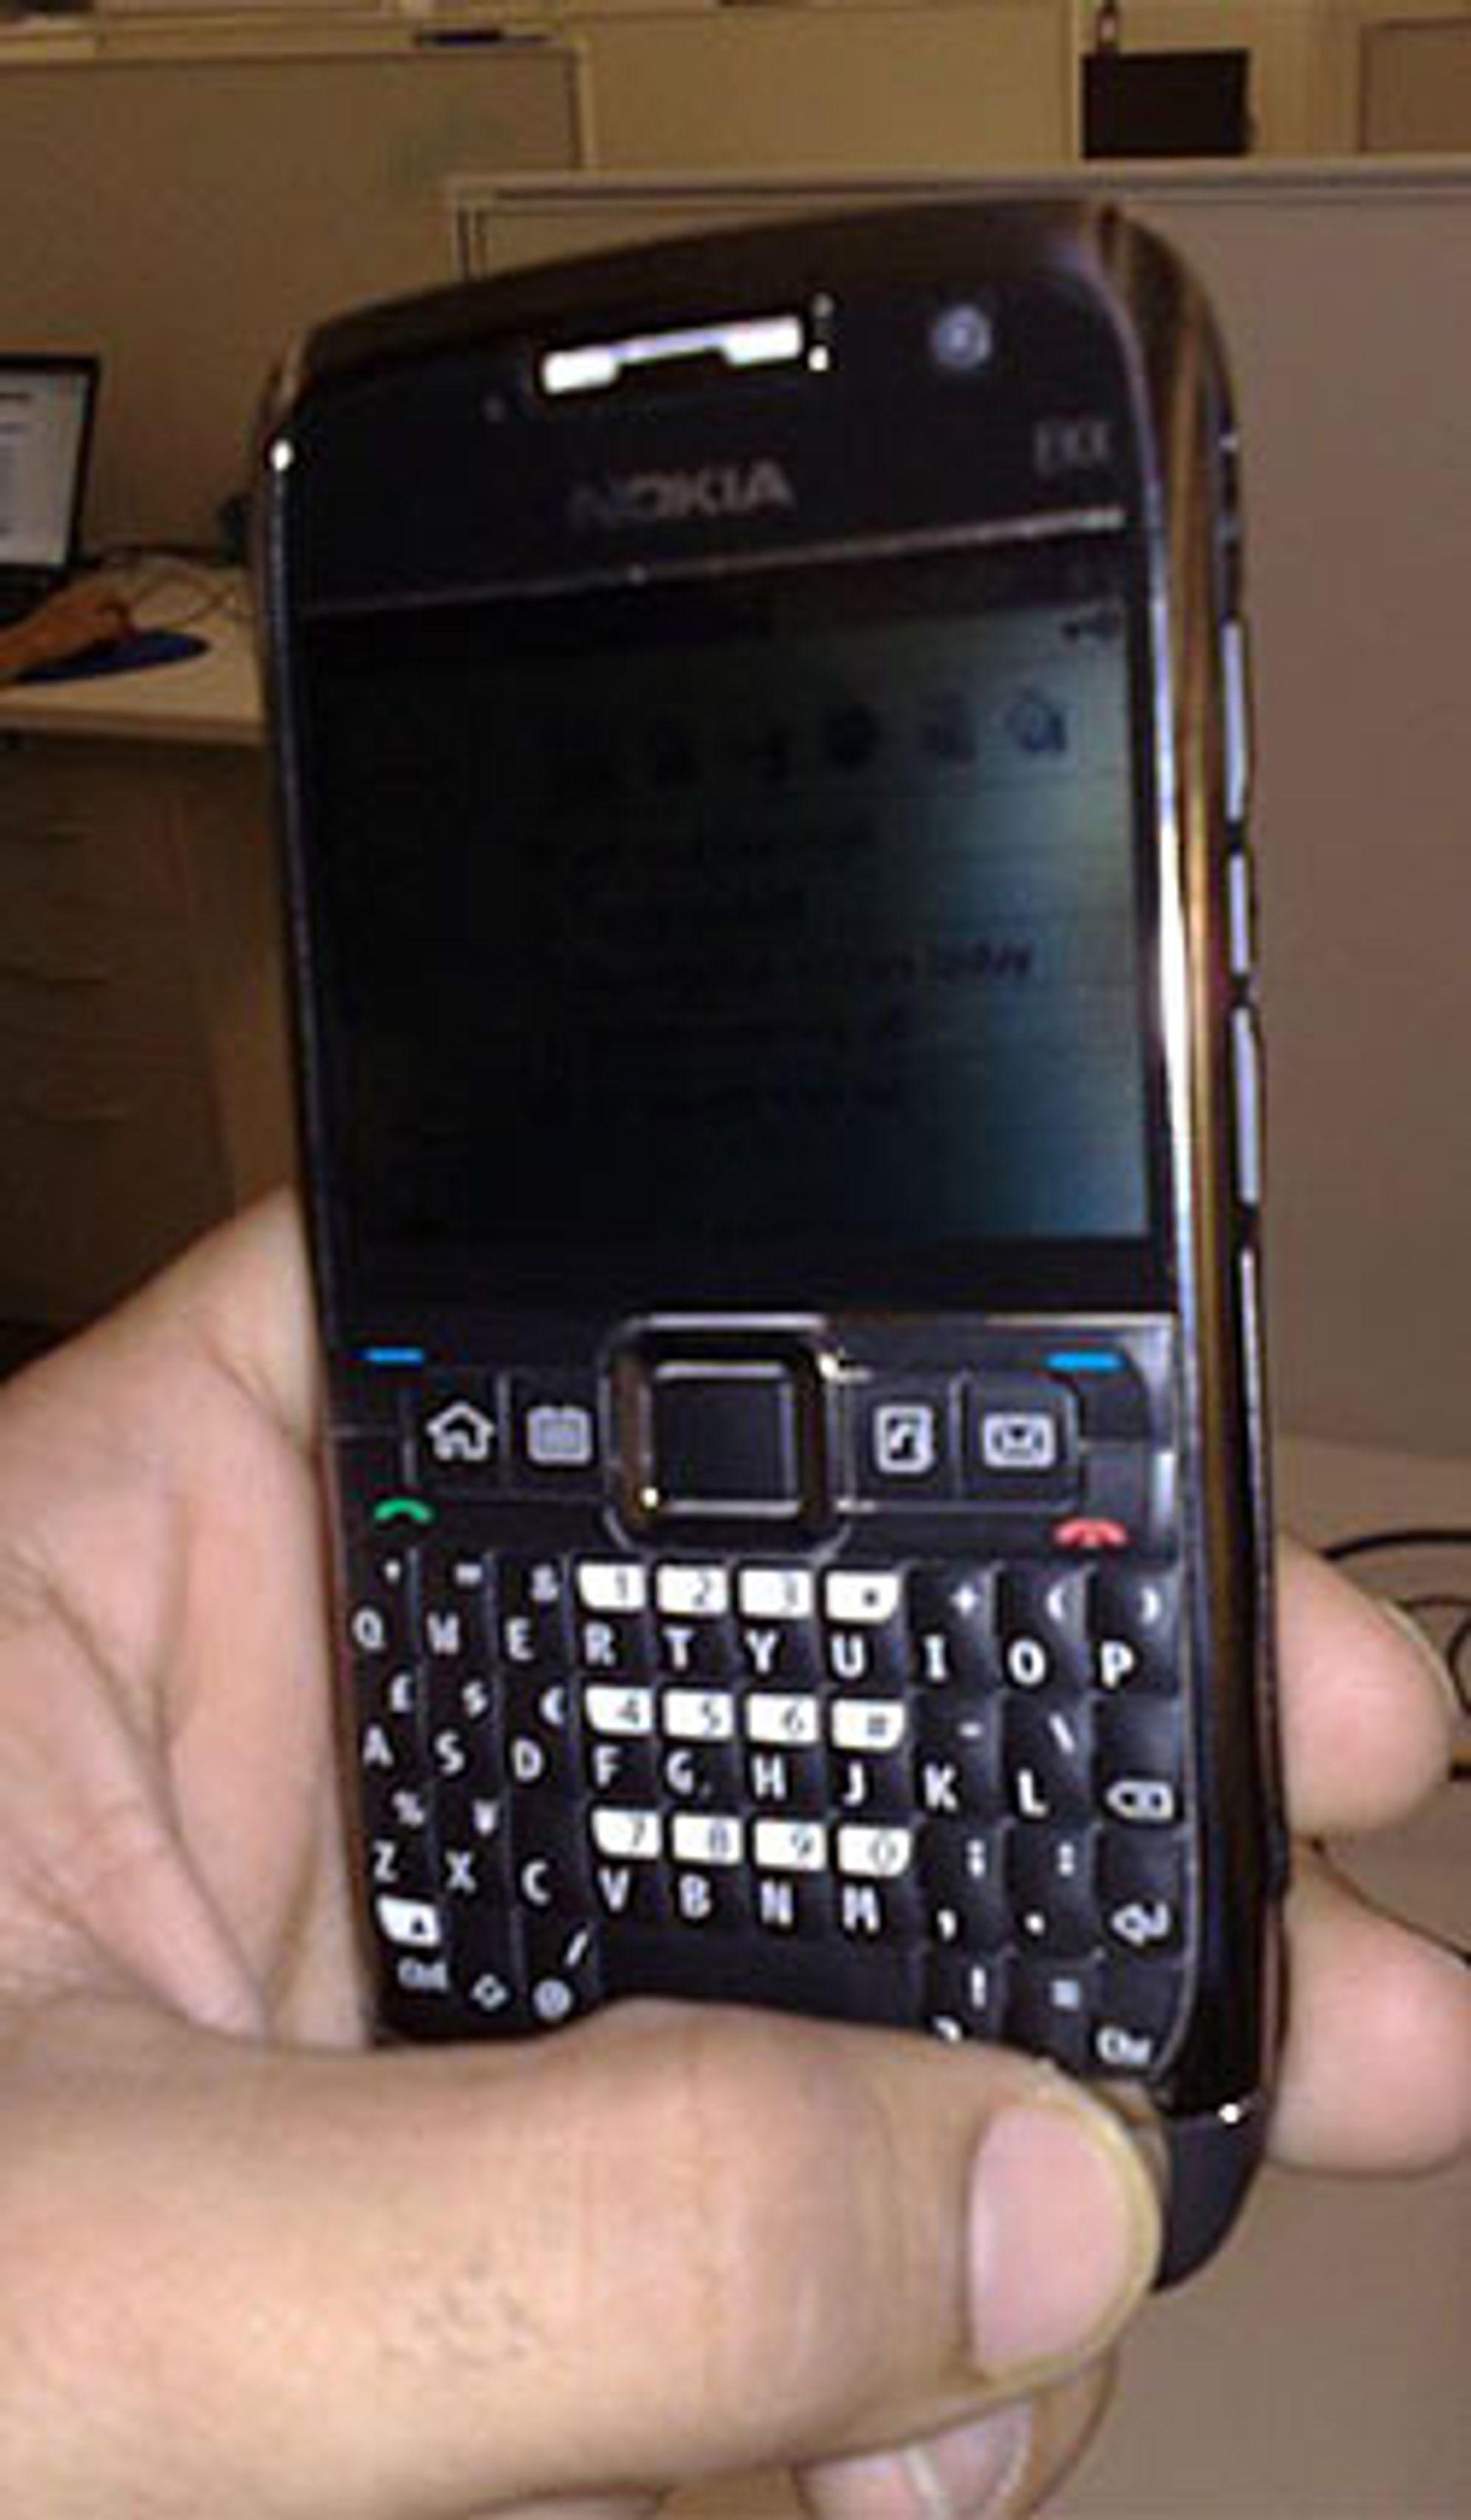 Dette bildet hevdes å vise Nokia E71 i levende live. (Foto: Ukjent)